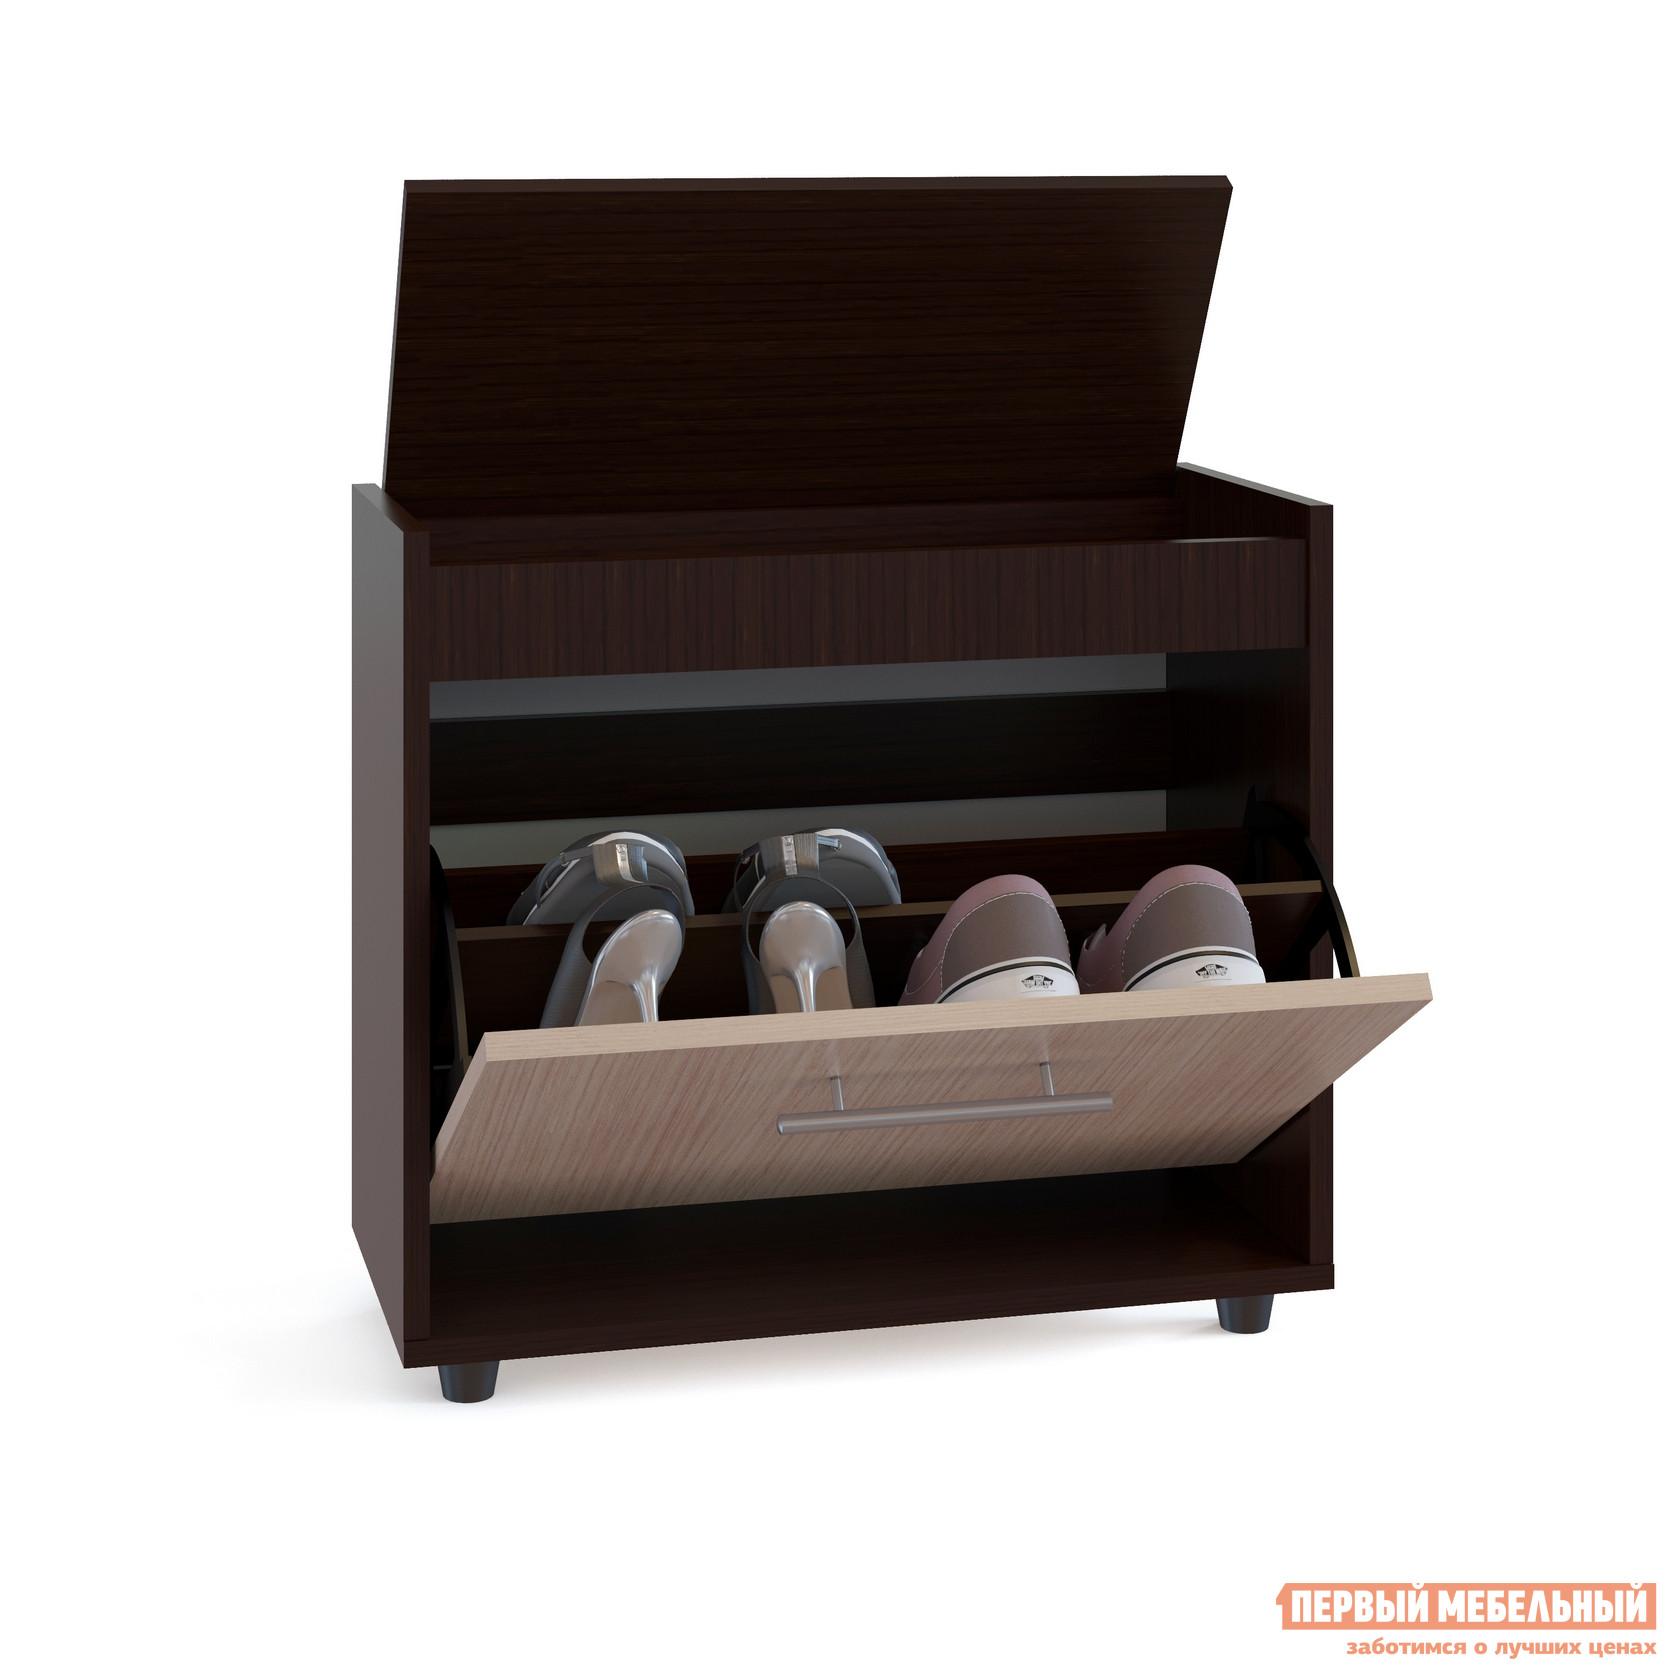 Обувница Сокол ТП-6 Венге / Беленый дубОбувницы<br>Габаритные размеры ВхШхГ 555x600x283 мм. Очаровательная маленькая обувница не займет много места в прихожей и позволит хранить обувь в порядке и в быстром доступе.  Модель имеет одно отделение с двумя отсеками и рассчитана на 4 пары невысокой обуви на плоской подошве.  Сверху под крышкой располагается ниша, в которой удобно будет держать под рукой аксессуары для обуви. Обувницу можно использовать в качестве банкетки для переобувания. Максимальная нагрузка — 90 кг. Изготавливается из ЛДСП 16 мм, края обработаны кромкой ПВХ 0,4 мм. Рекомендуем сохранить инструкцию по сборке (паспорт изделия) до истечения гарантийного срока.<br><br>Цвет: Венге / Беленый дуб<br>Цвет: Темное-cветлое дерево<br>Высота мм: 555<br>Ширина мм: 600<br>Глубина мм: 283<br>Кол-во упаковок: 1<br>Форма поставки: В разобранном виде<br>Срок гарантии: 2 года<br>Тип: Закрытые<br>Назначение: В прихожую<br>Материал: Деревянные, из ЛДСП<br>Форма: Прямоугольные<br>Размер: Узкие, Одноместные<br>Глубина: Неглубокие<br>Особенности: С сиденьем, С ящиками, С жестким сиденьем, На ножках, С крышкой, С полкой для обуви, Без спинки<br>Стиль: Классический